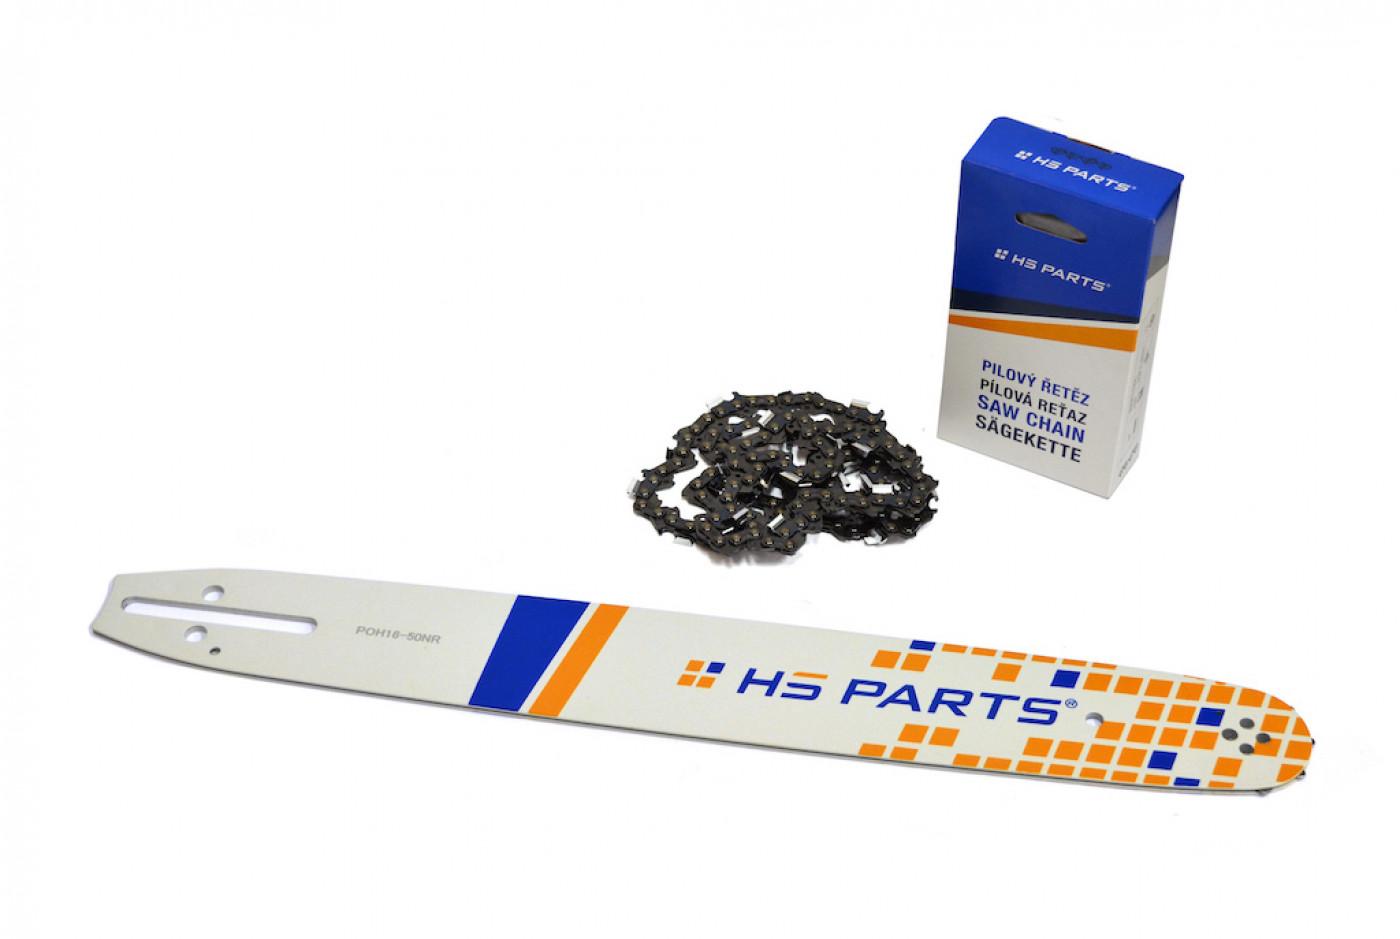 Lišta 40cm + řetez 56 čl. 3/8 1,3mm + řetězka Partner 350 351 370 390 420